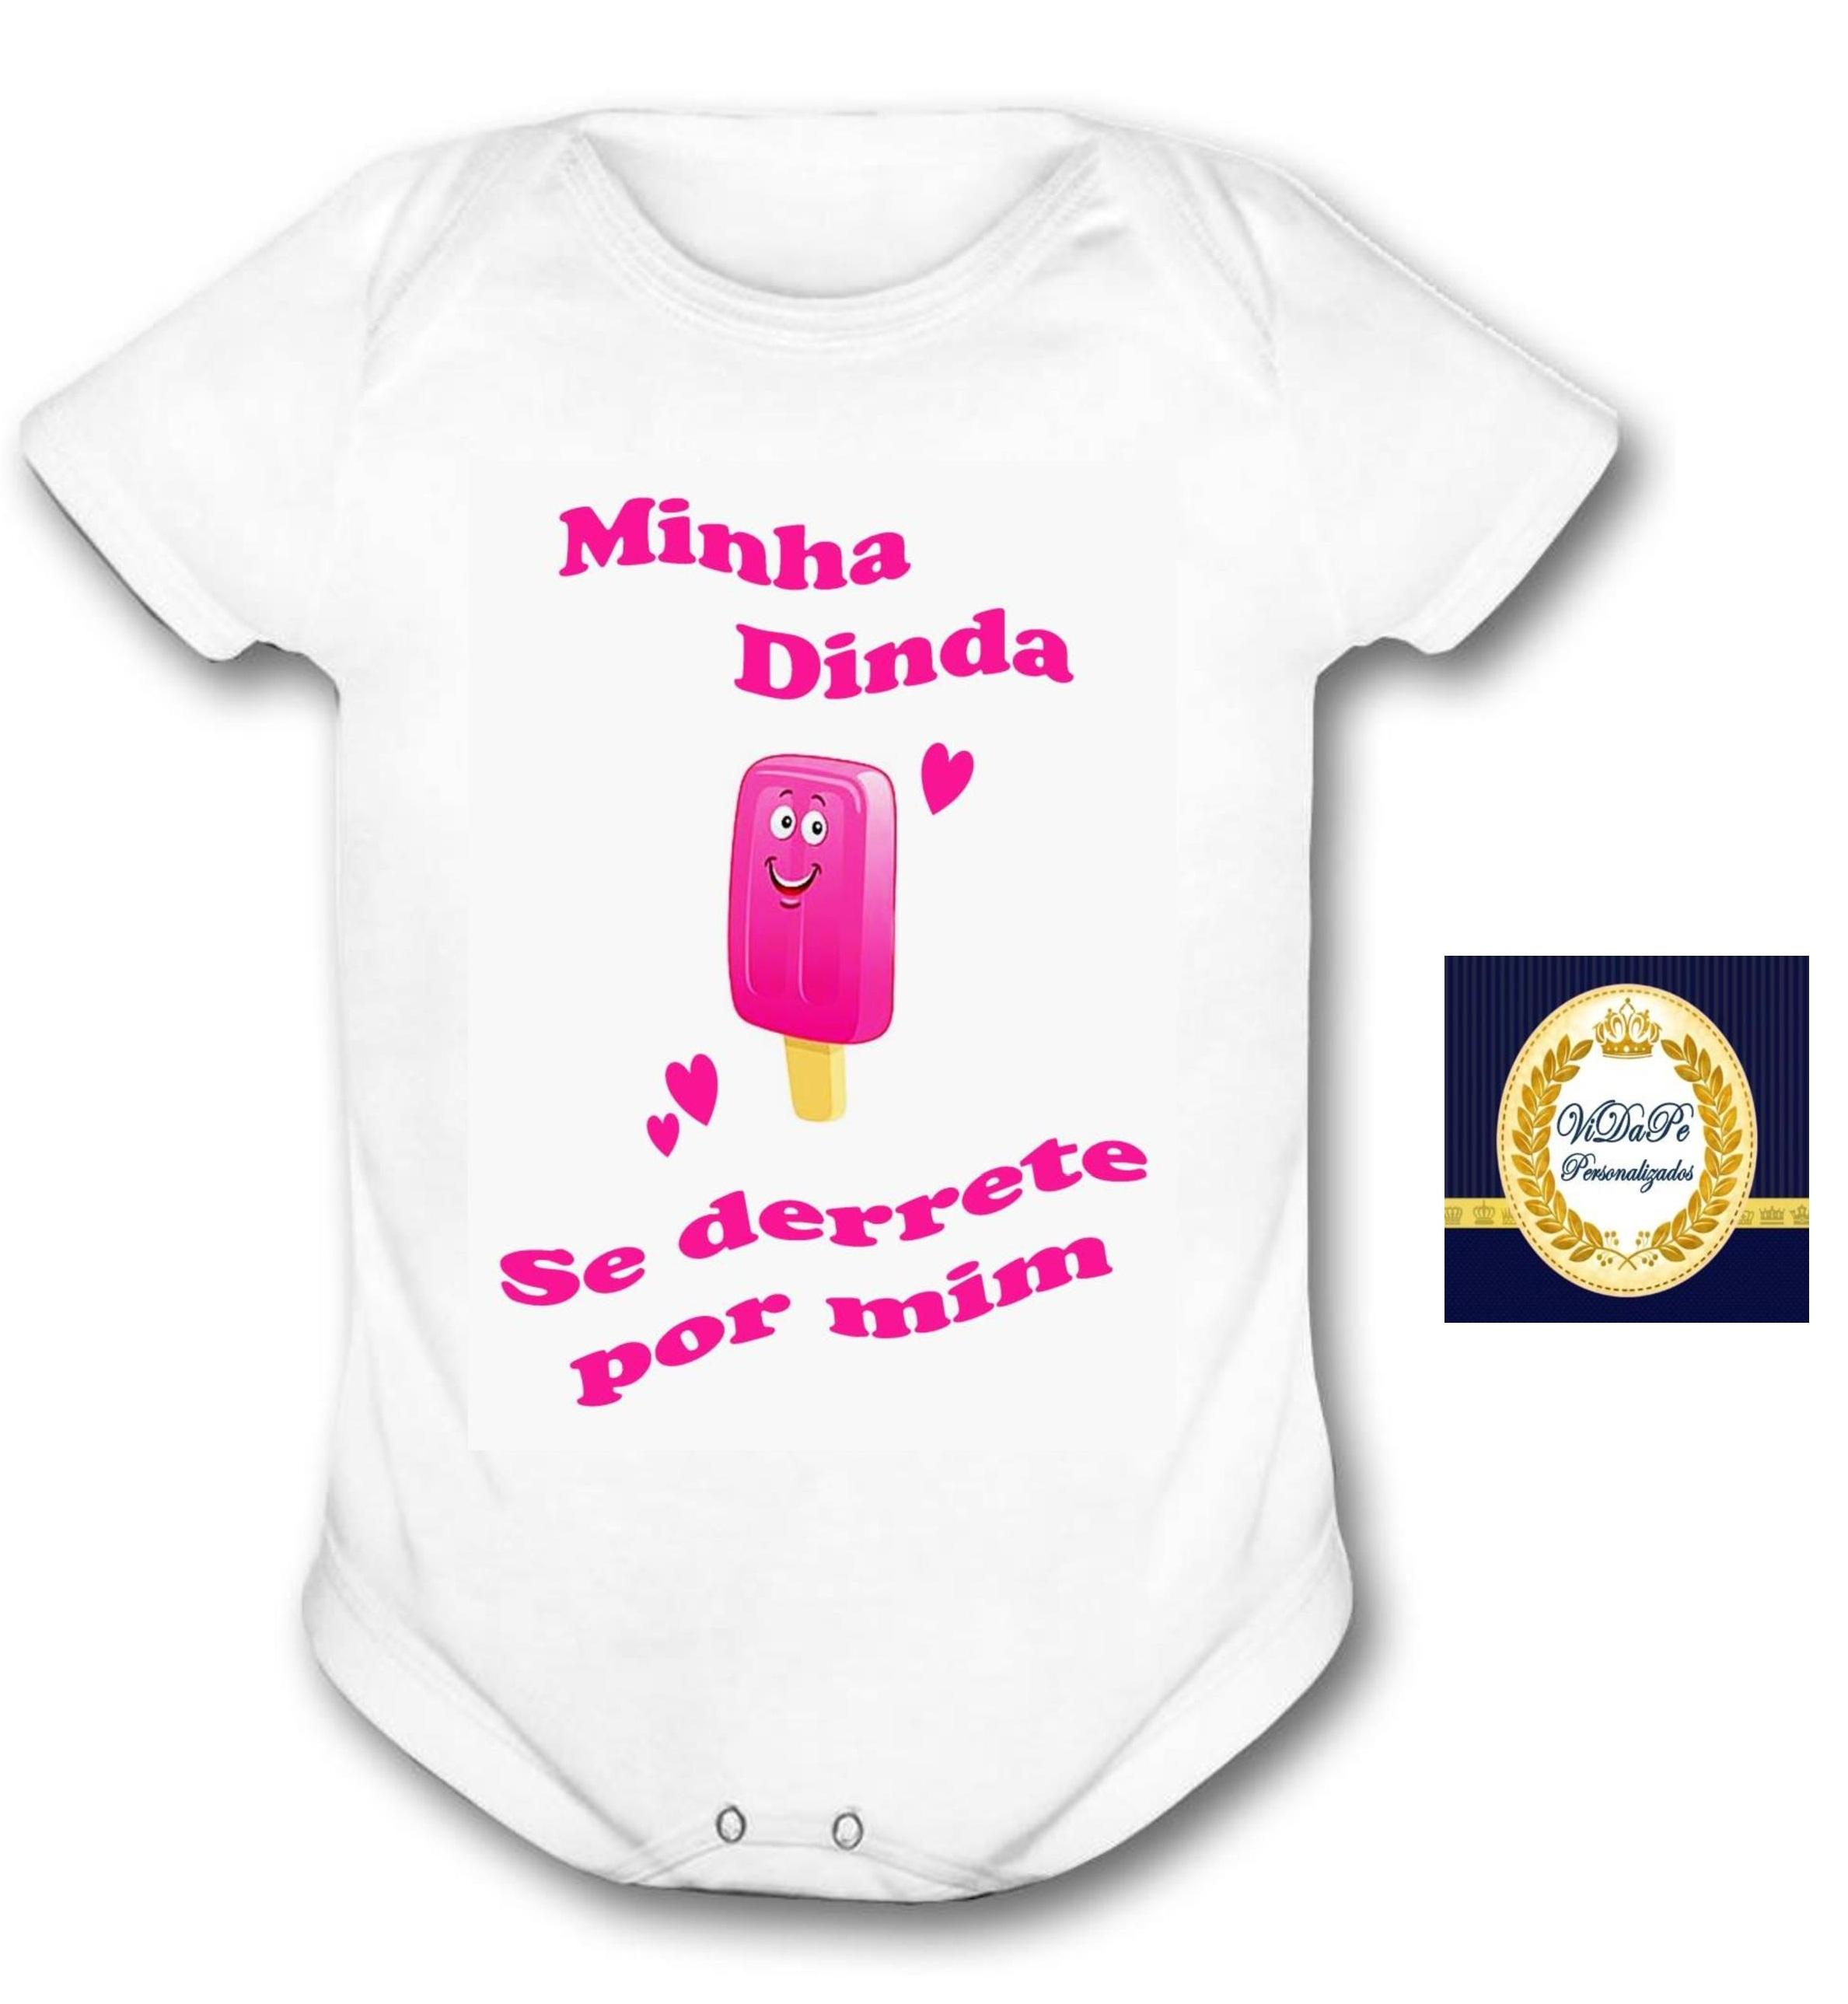 0c4a7a0c98 Body Bebe com Frase Fofa para Dinda Madrinha